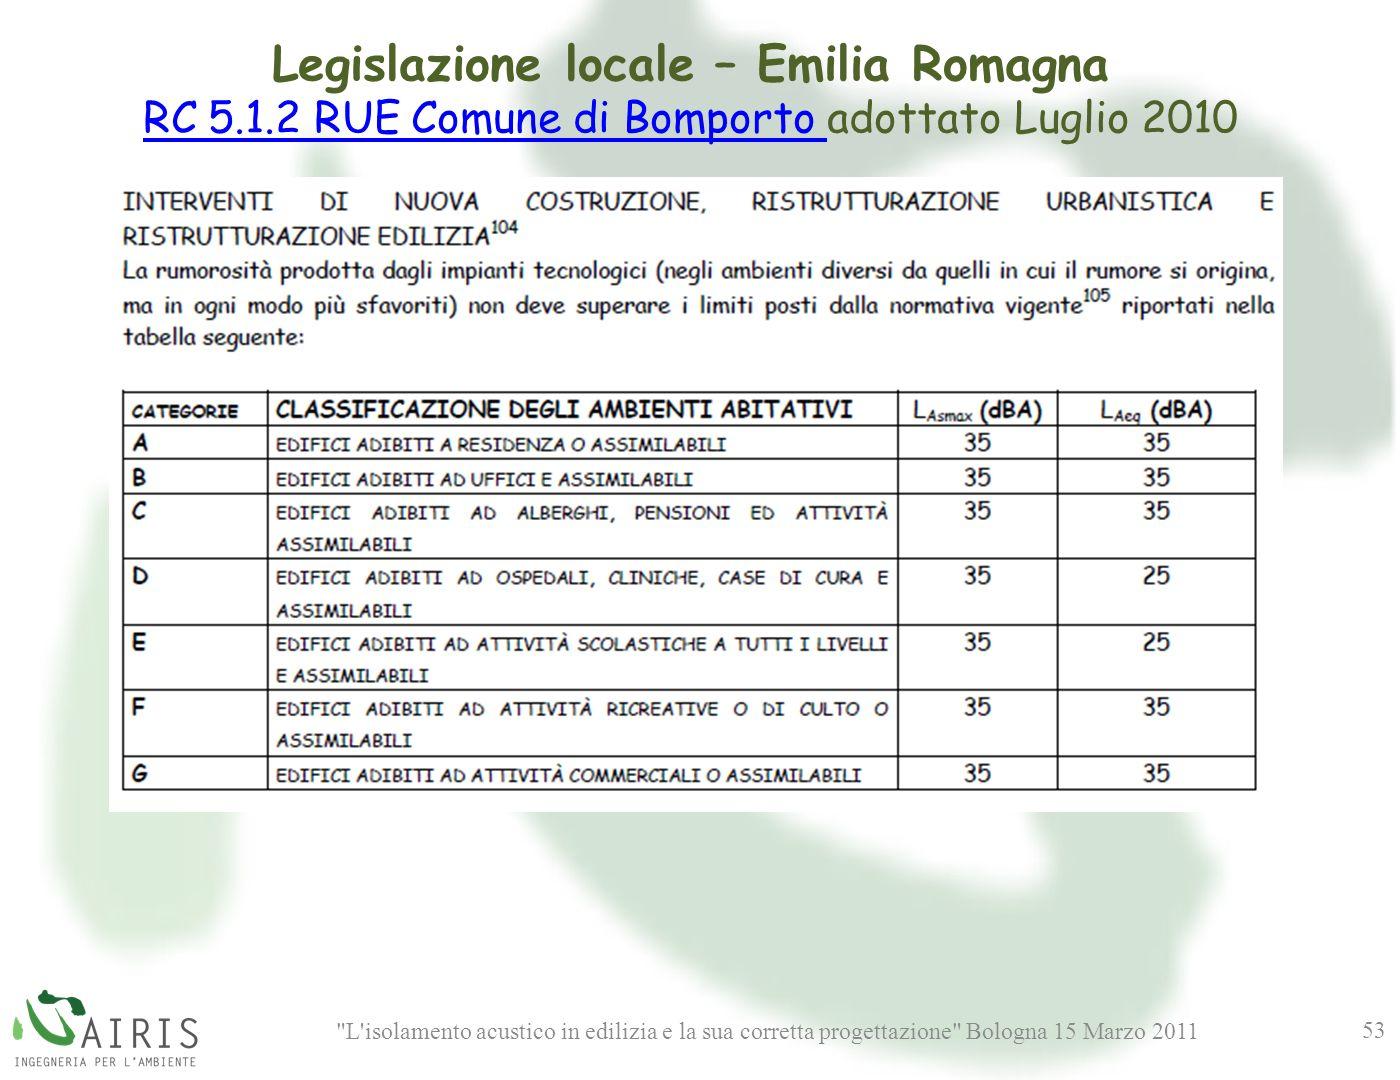 L isolamento acustico in edilizia e la sua corretta progettazione Bologna 15 Marzo 2011 53 Legislazione locale – Emilia Romagna RC 5.1.2 RUE Comune di Bomporto RC 5.1.2 RUE Comune di Bomporto adottato Luglio 2010